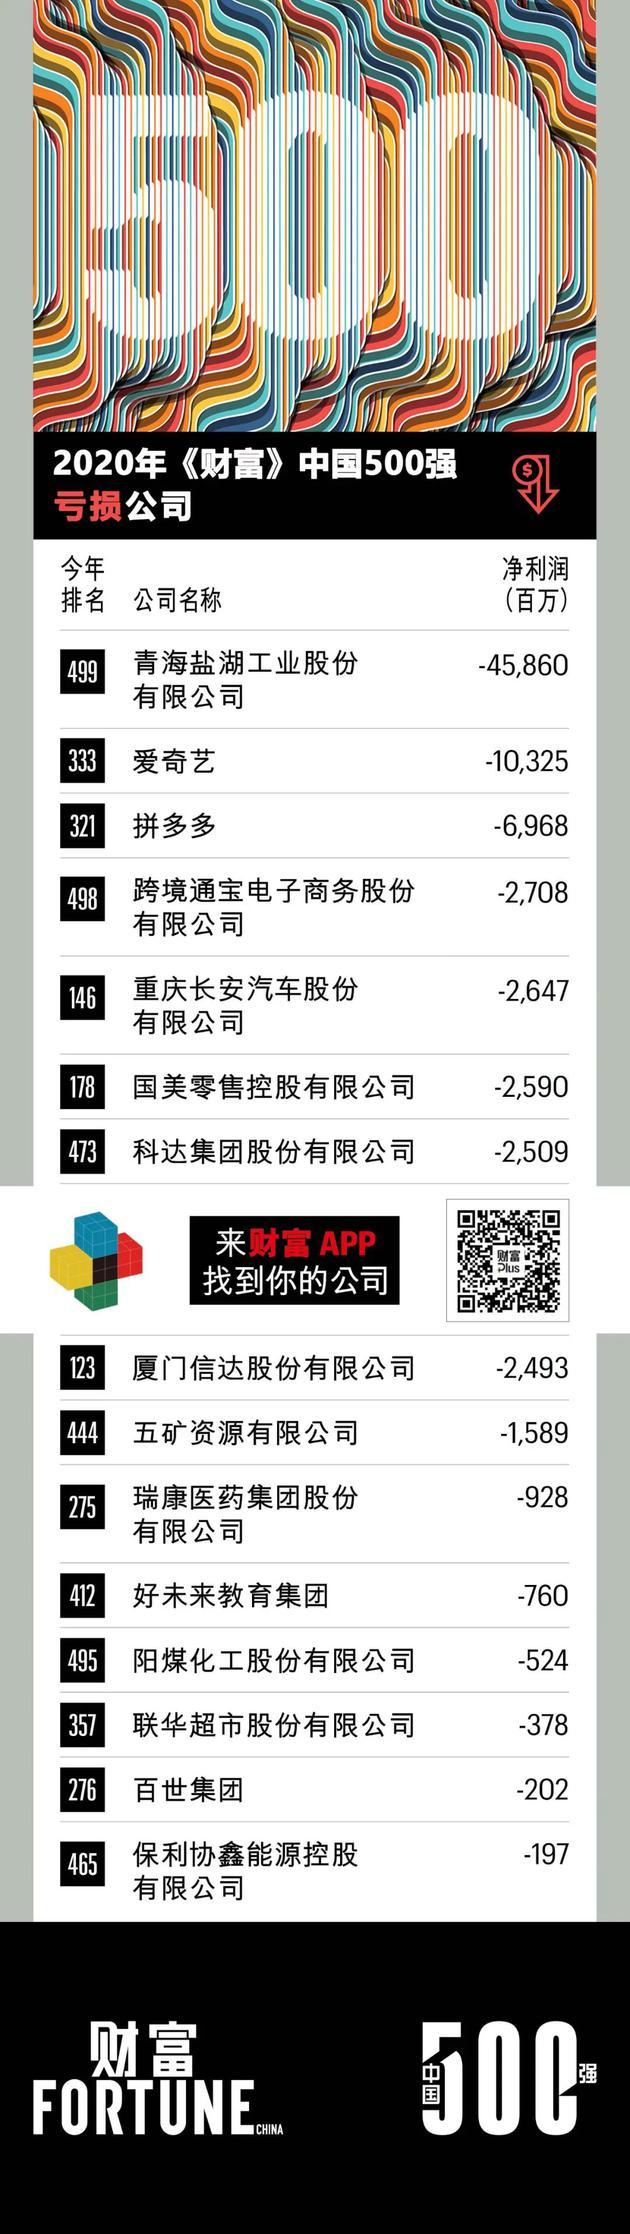 2020财富中国500强亏损公司:爱奇艺拼多多位列二三名